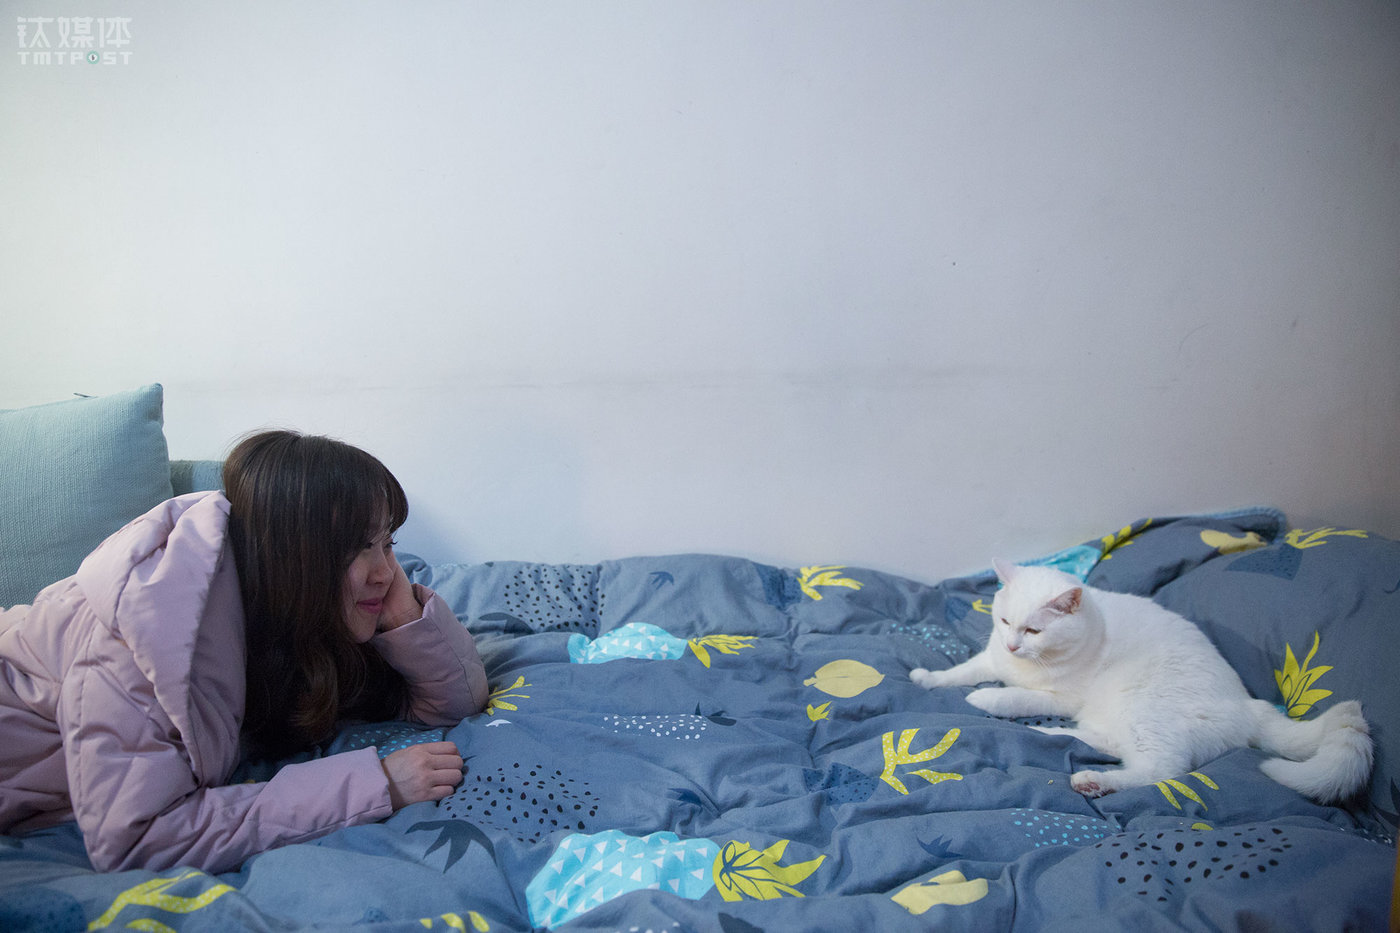 """猫每天都睡在床上,她也把它们视作亲人一样,""""它们很亲人,可以陪伴我。"""""""